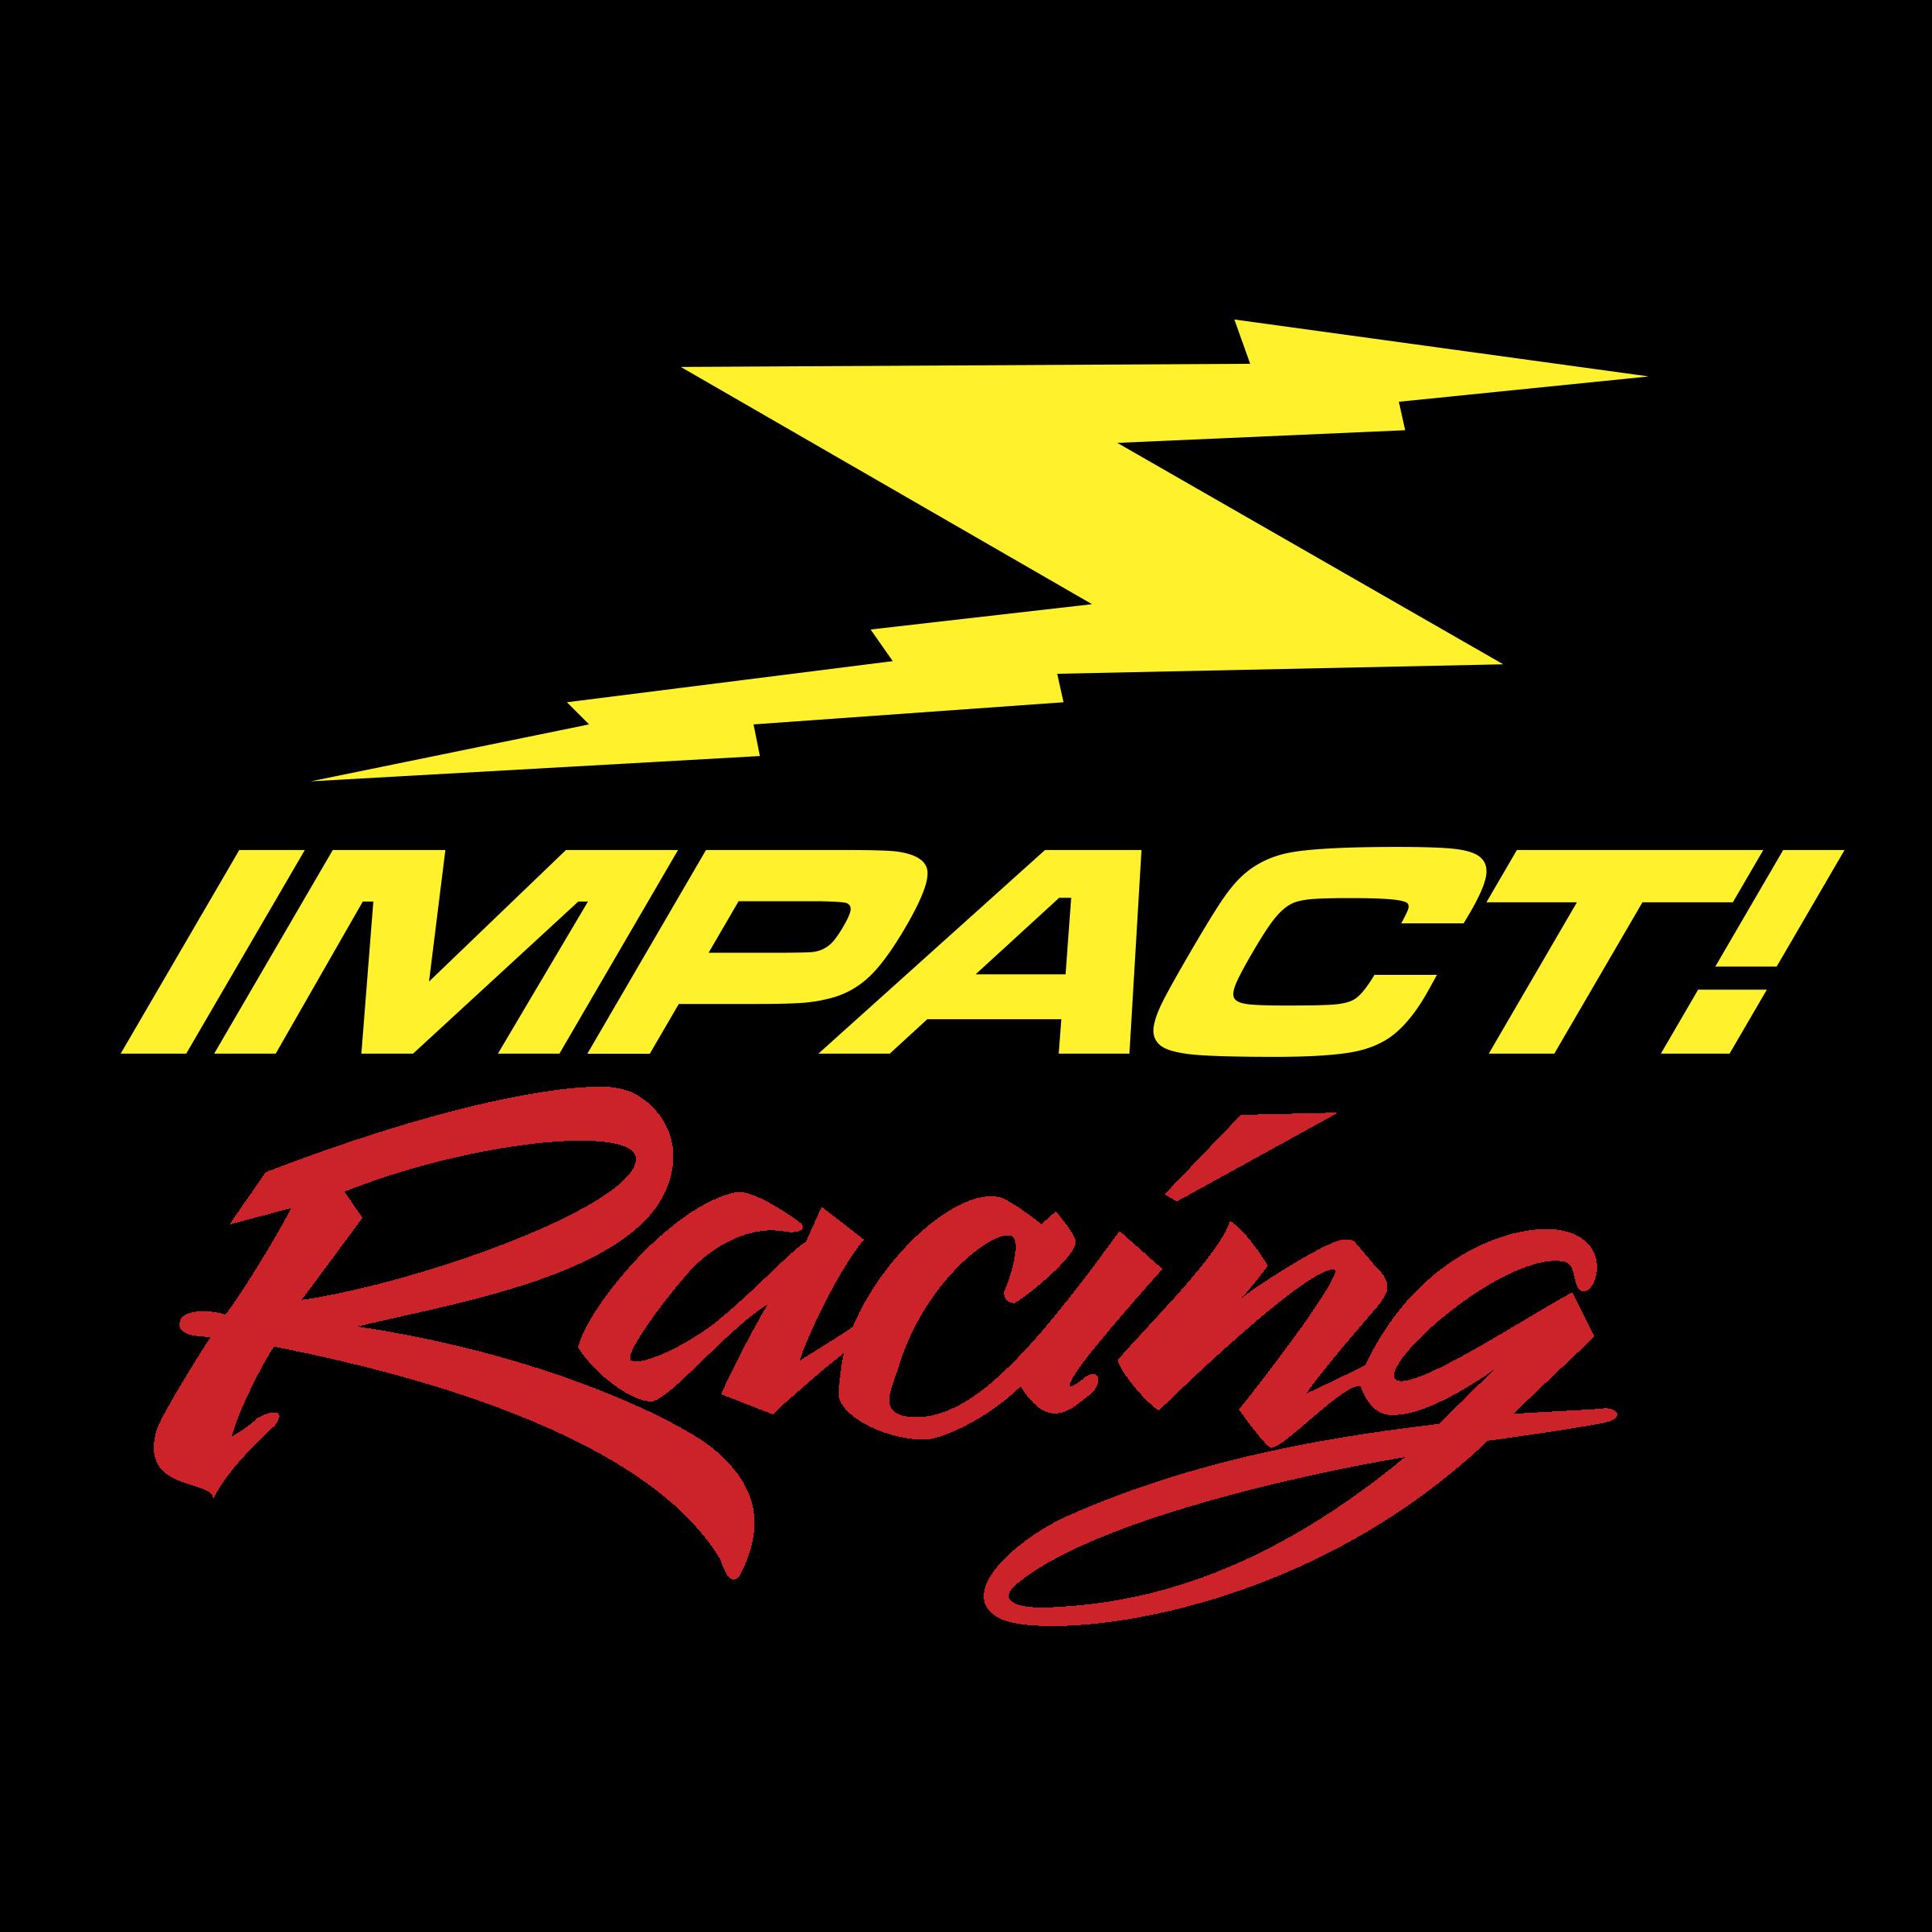 Impact Racing Logo PNG Transparent & SVG Vector.